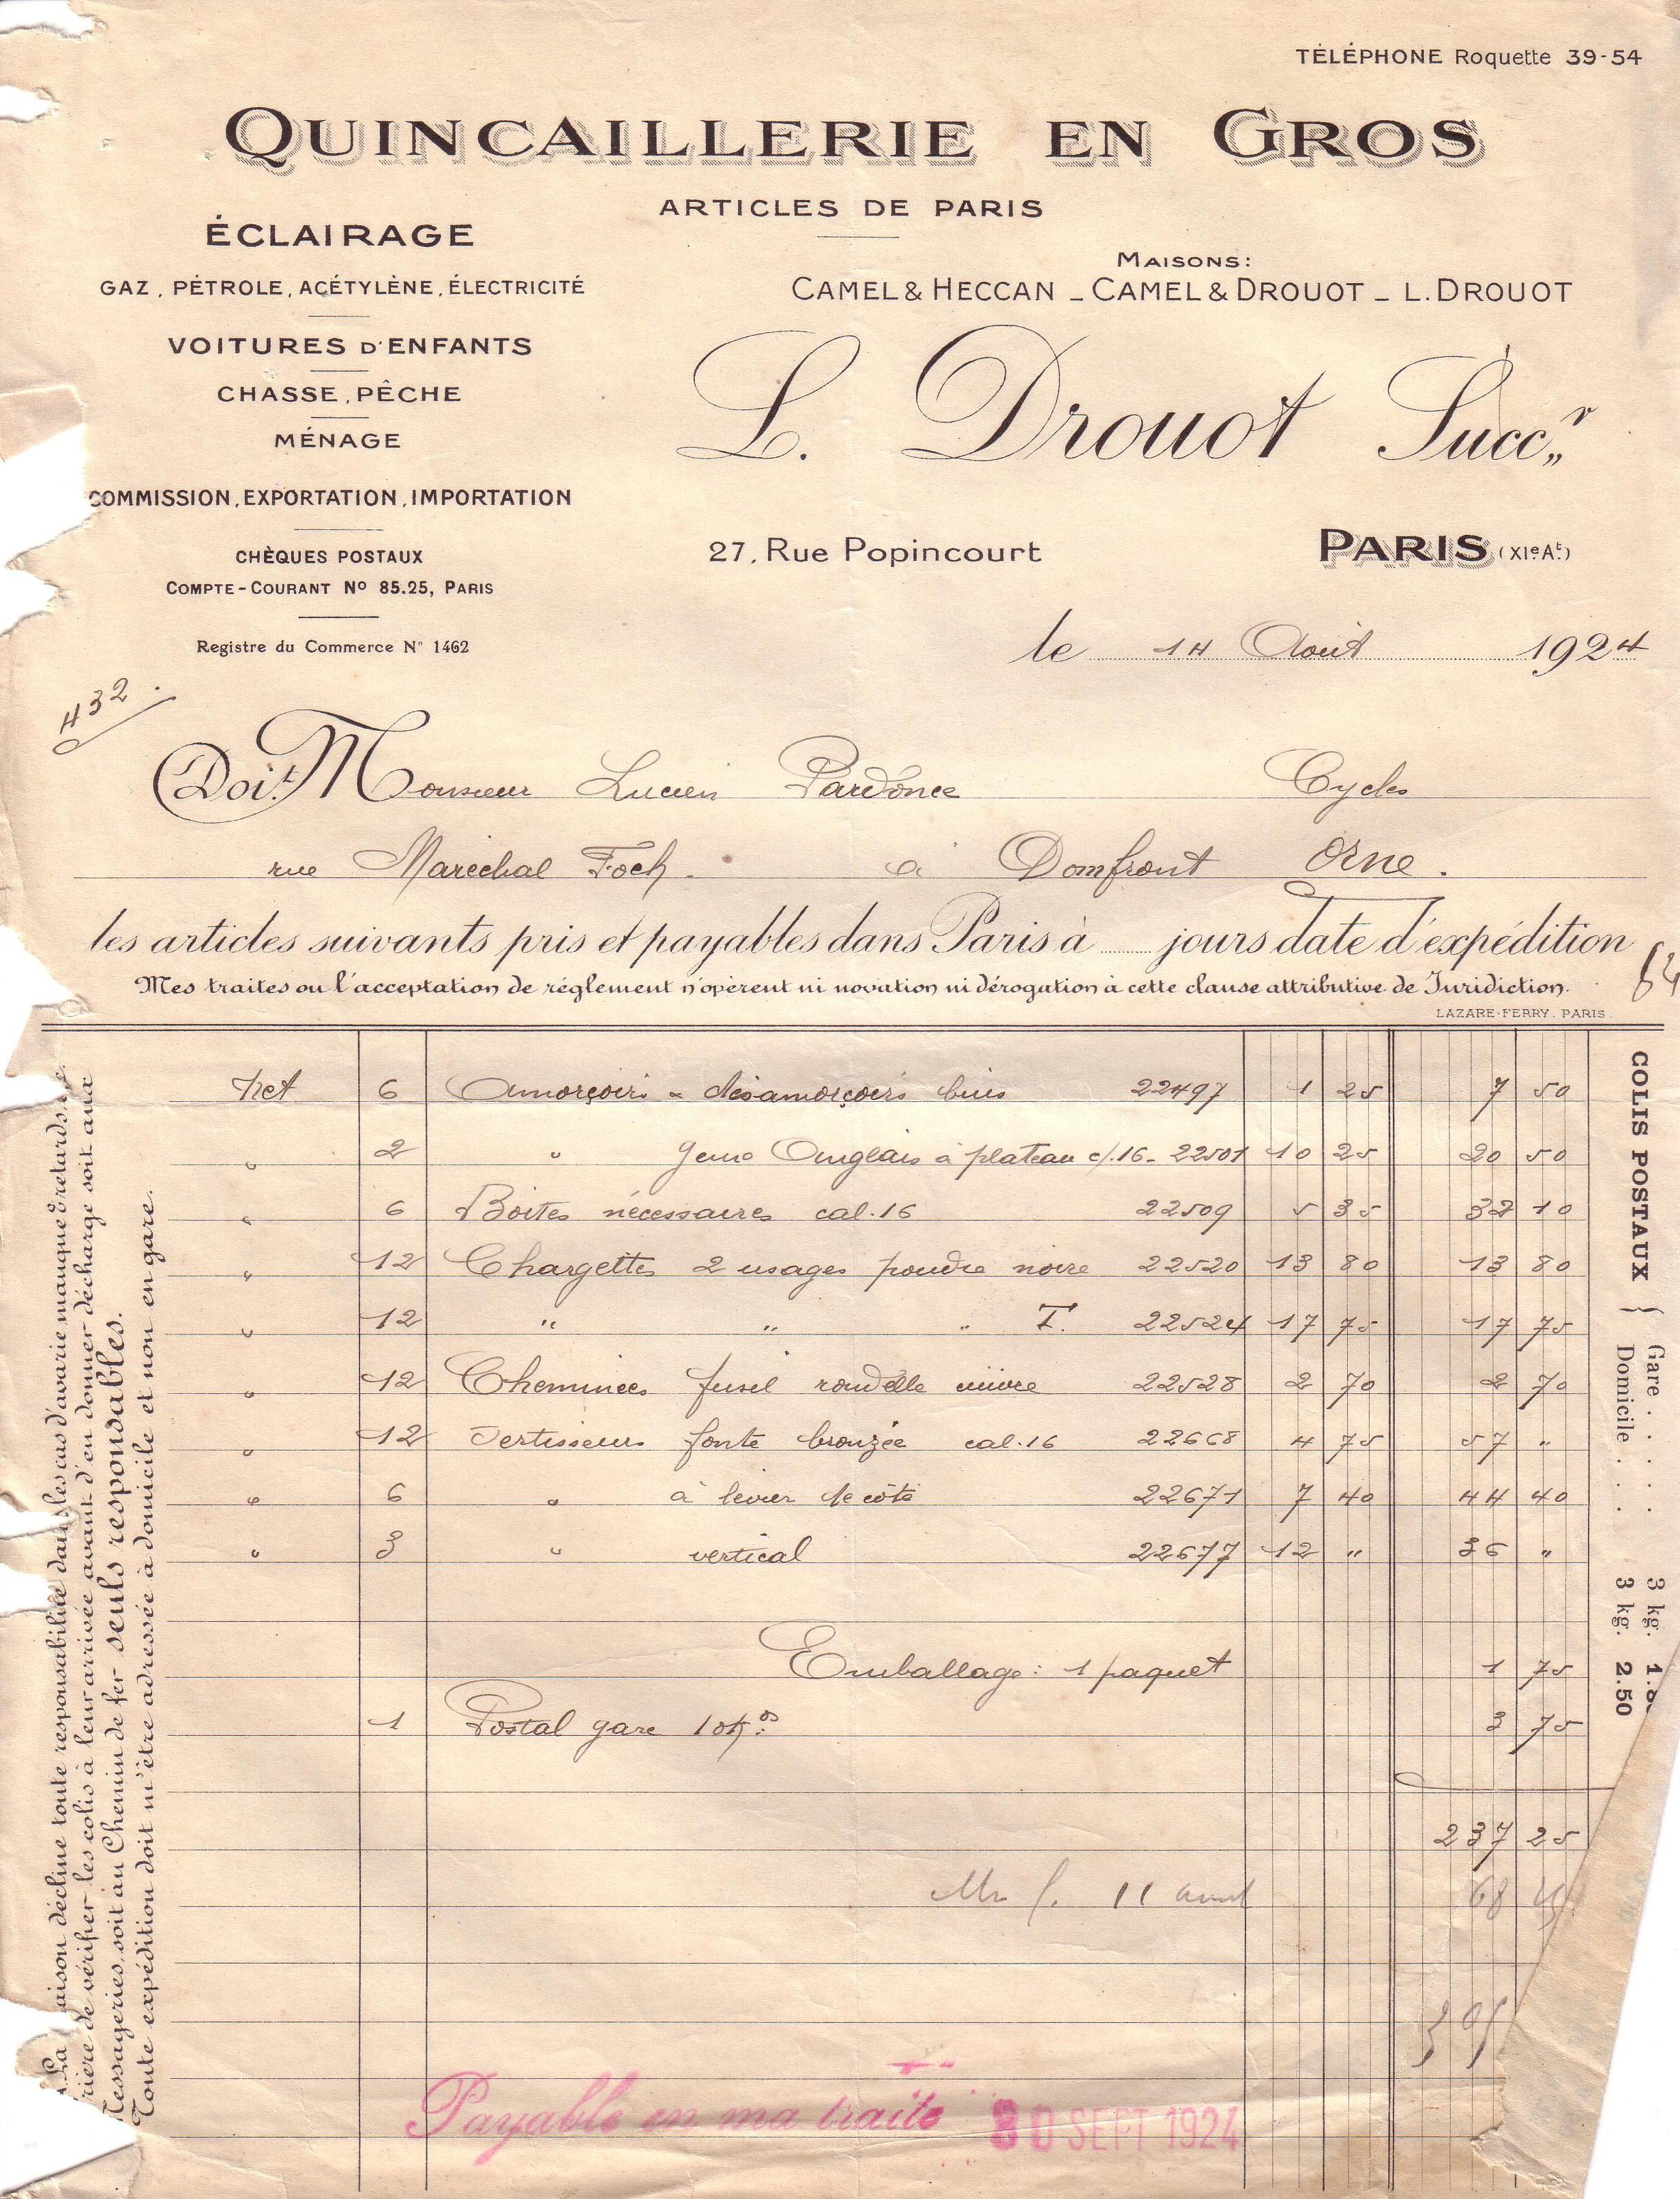 1924 : sertisseur dans Vie de Lucien gSDJ6grmfOBwmoN7EePZdQ_D5mg